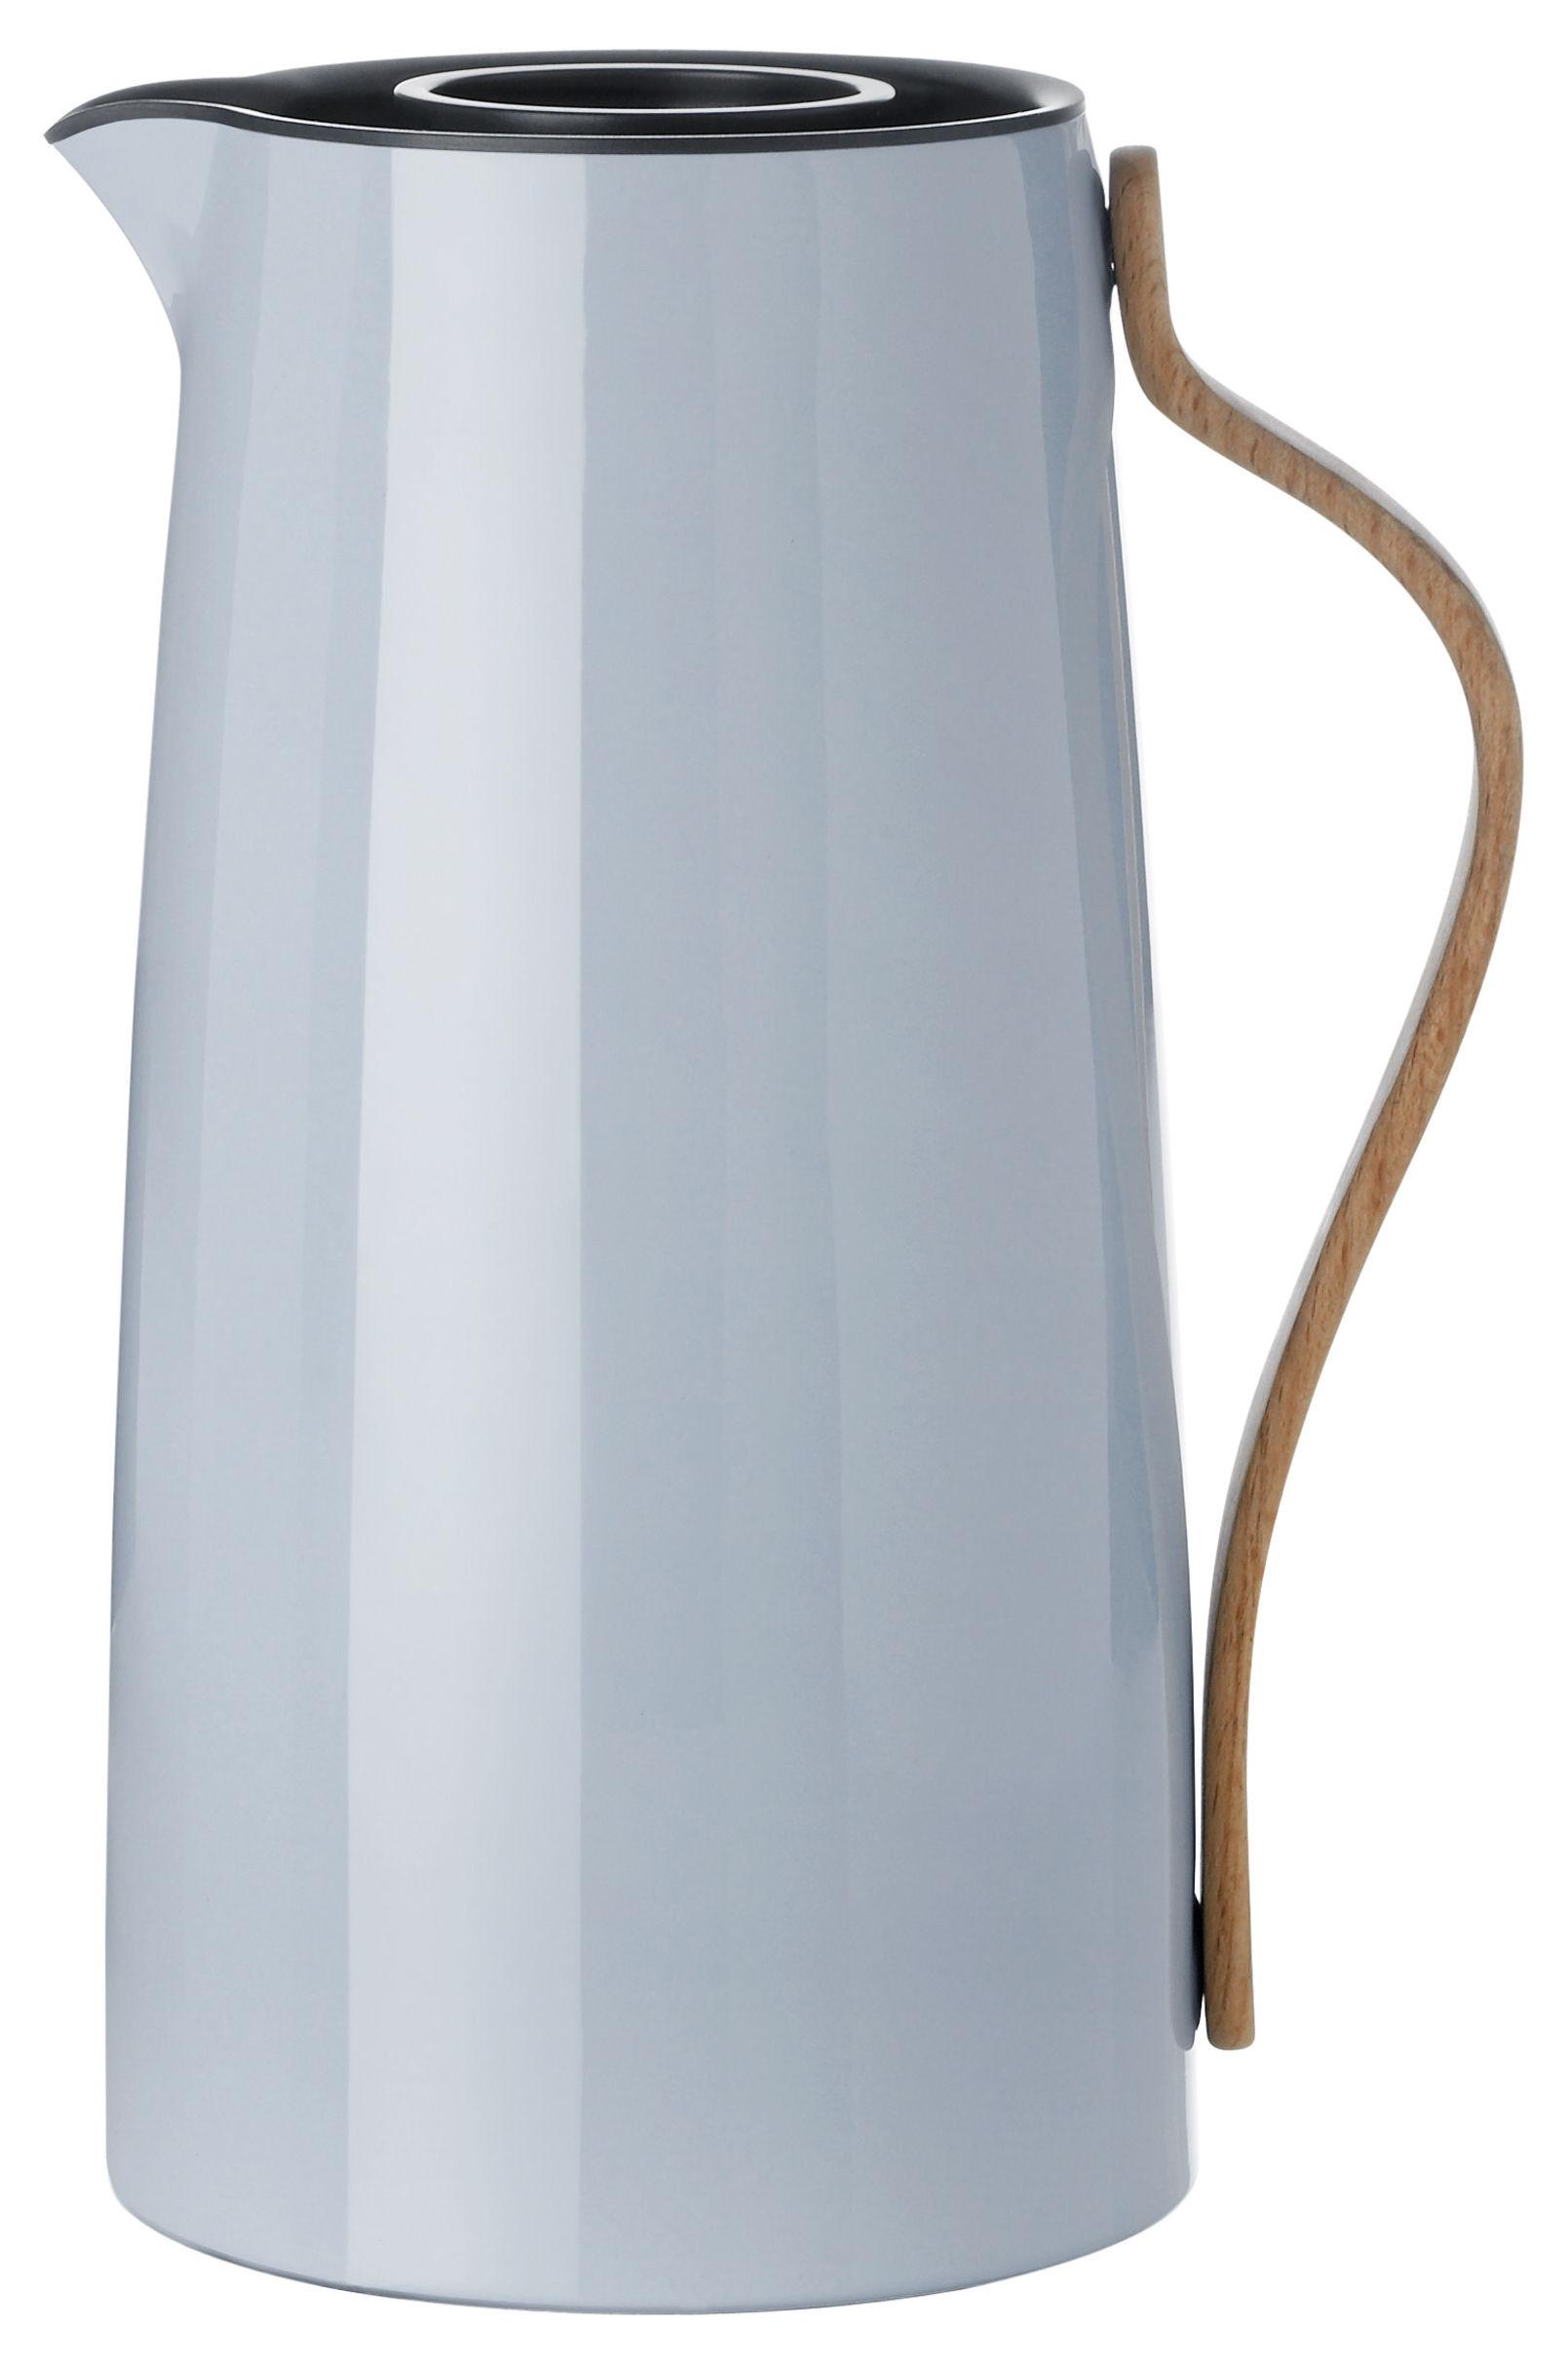 Tischkultur - Tee und Kaffee - Emma Isolierkrug / 1,2 l - Stelton - 1,2 l / hellgrau & holzfarben - Buchenfurnier, rostfreier lackierter Stahl